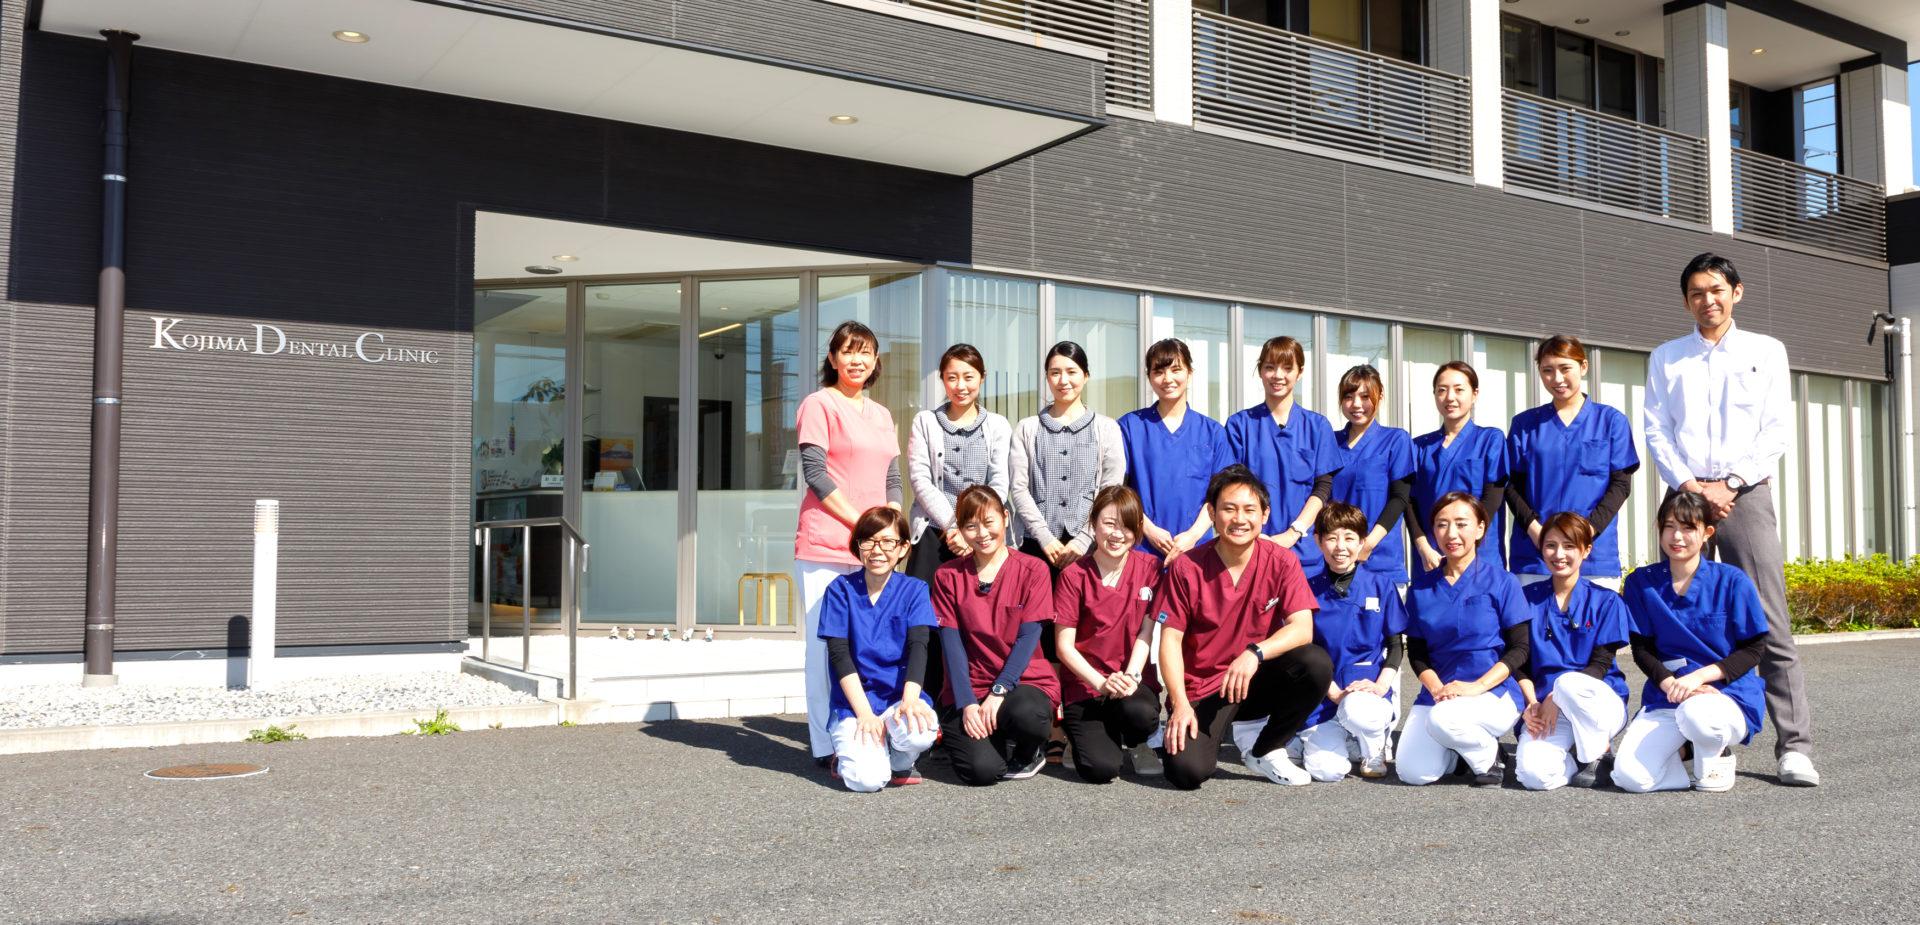 静岡市の小嶋デンタルクリニック 施設前集合写真